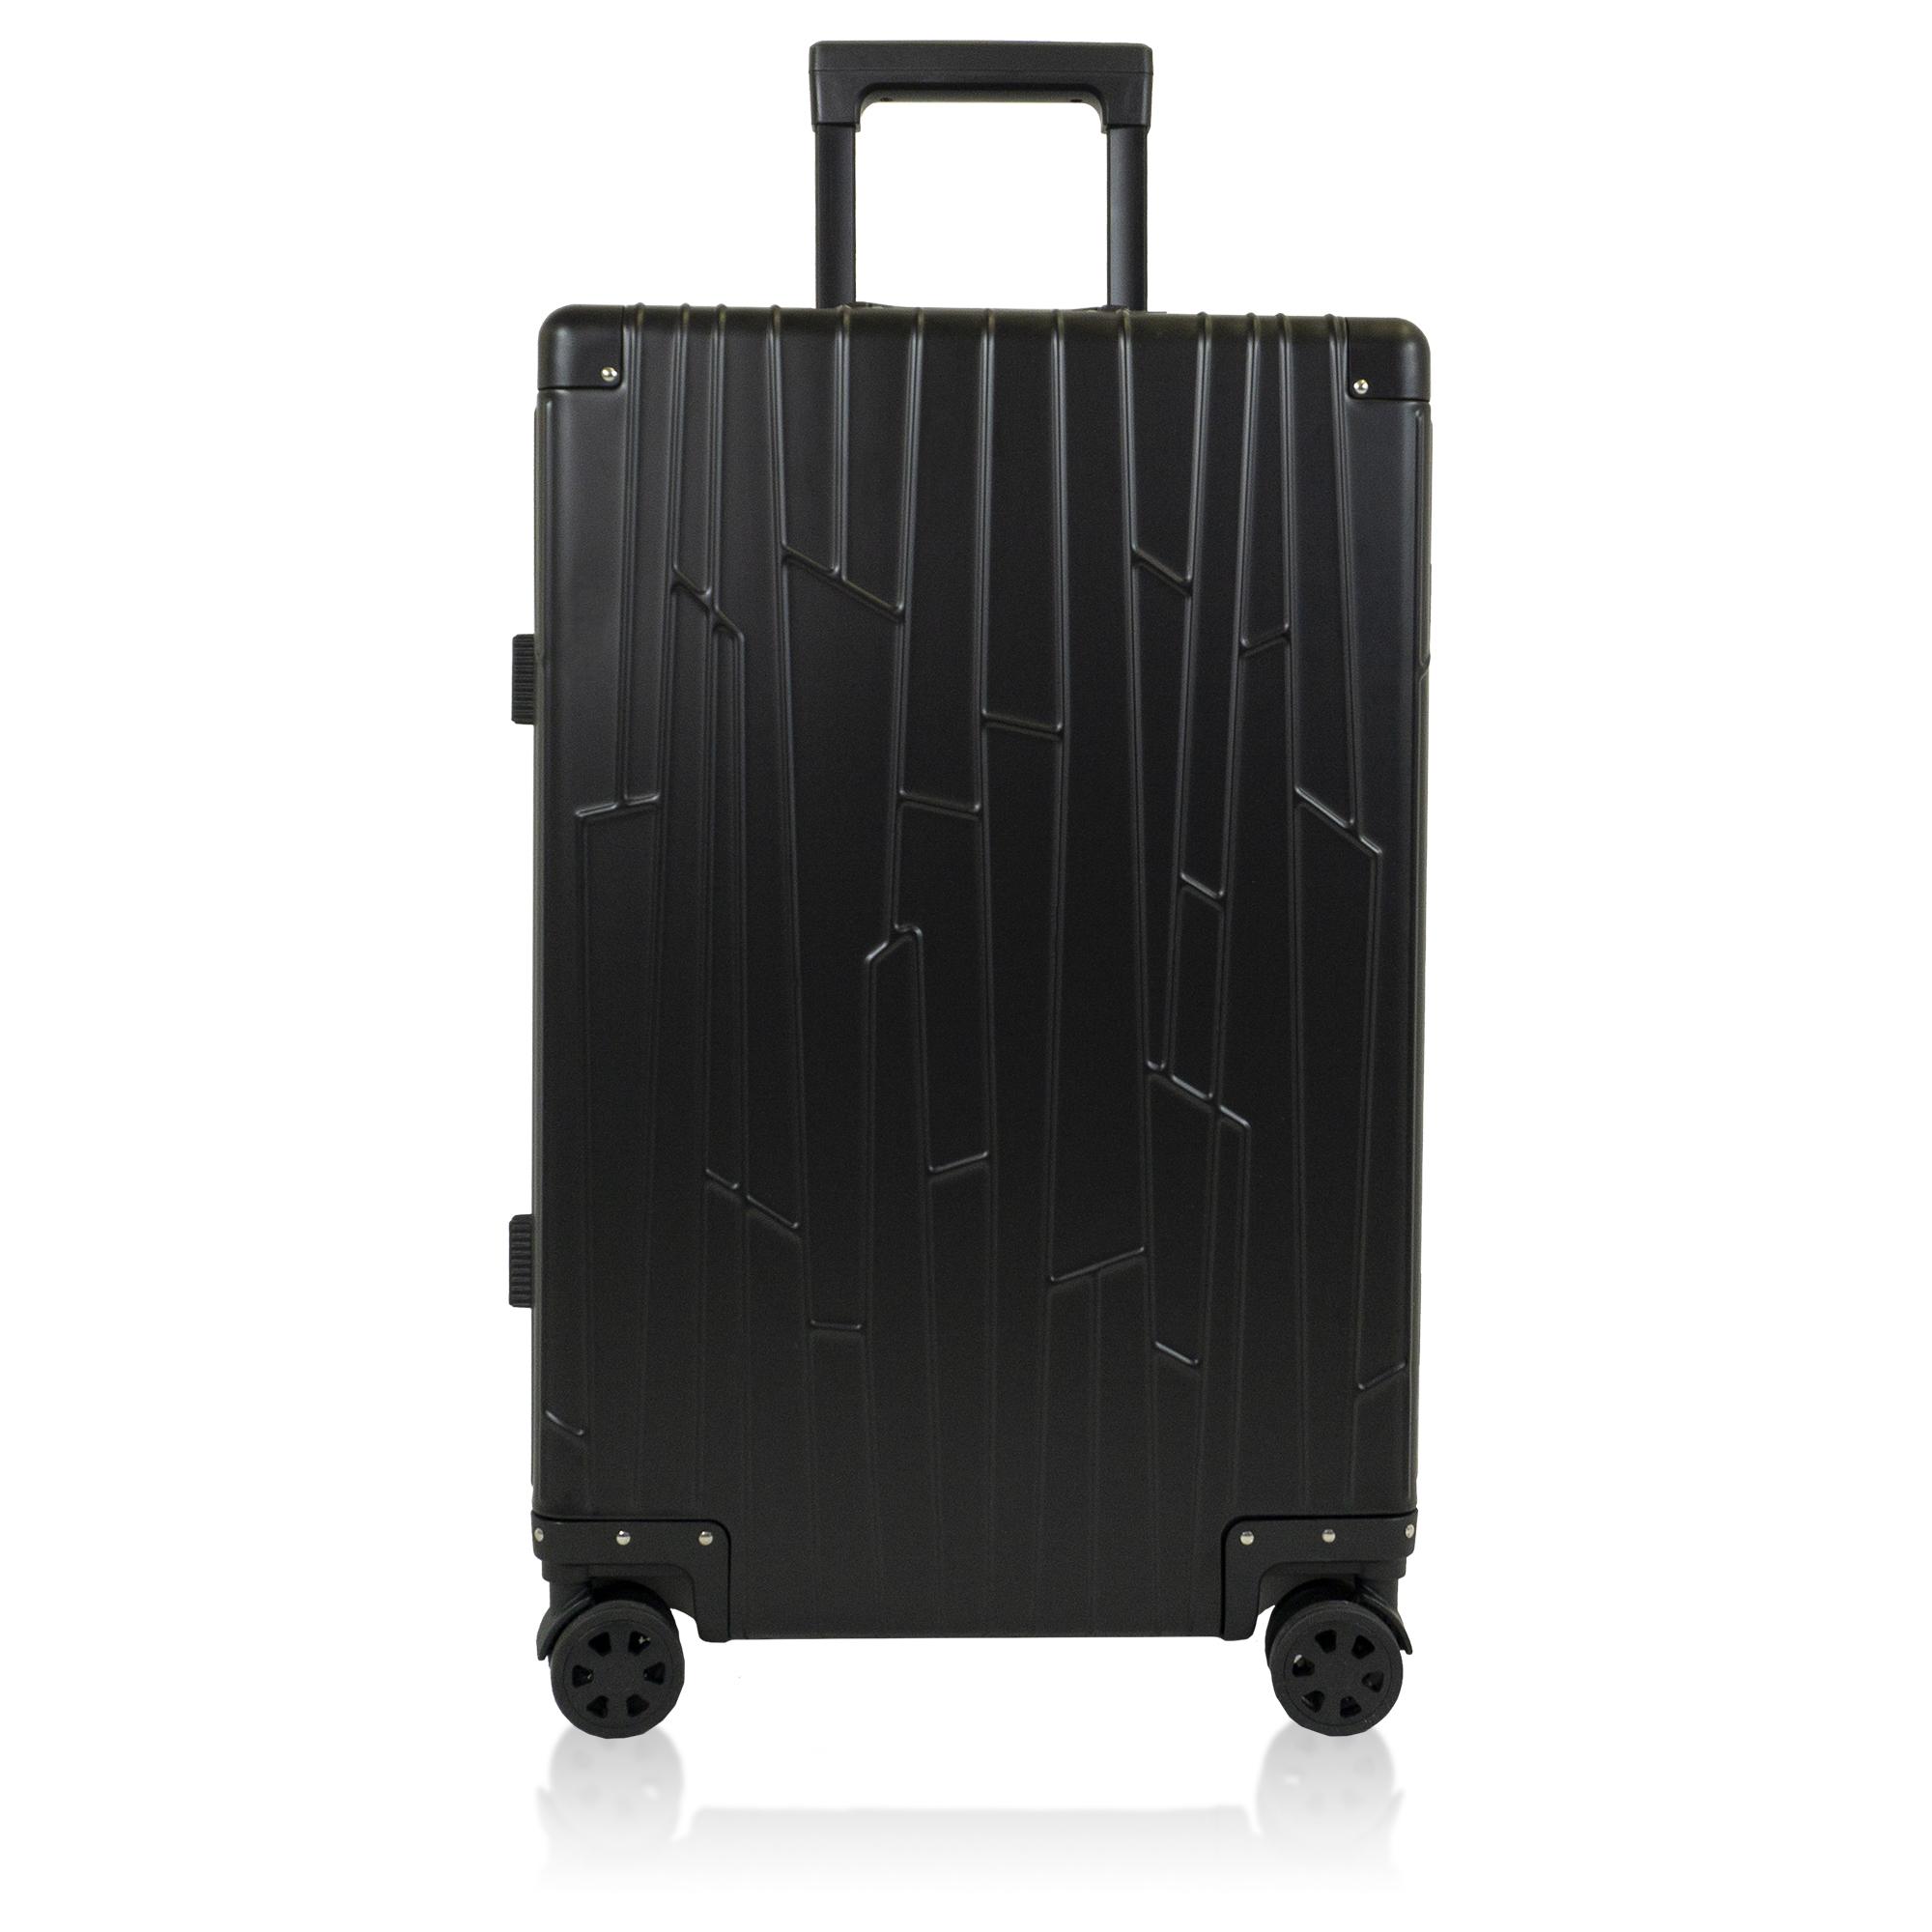 black aluminium suitcase gundel check in sized luggage tsa-locks